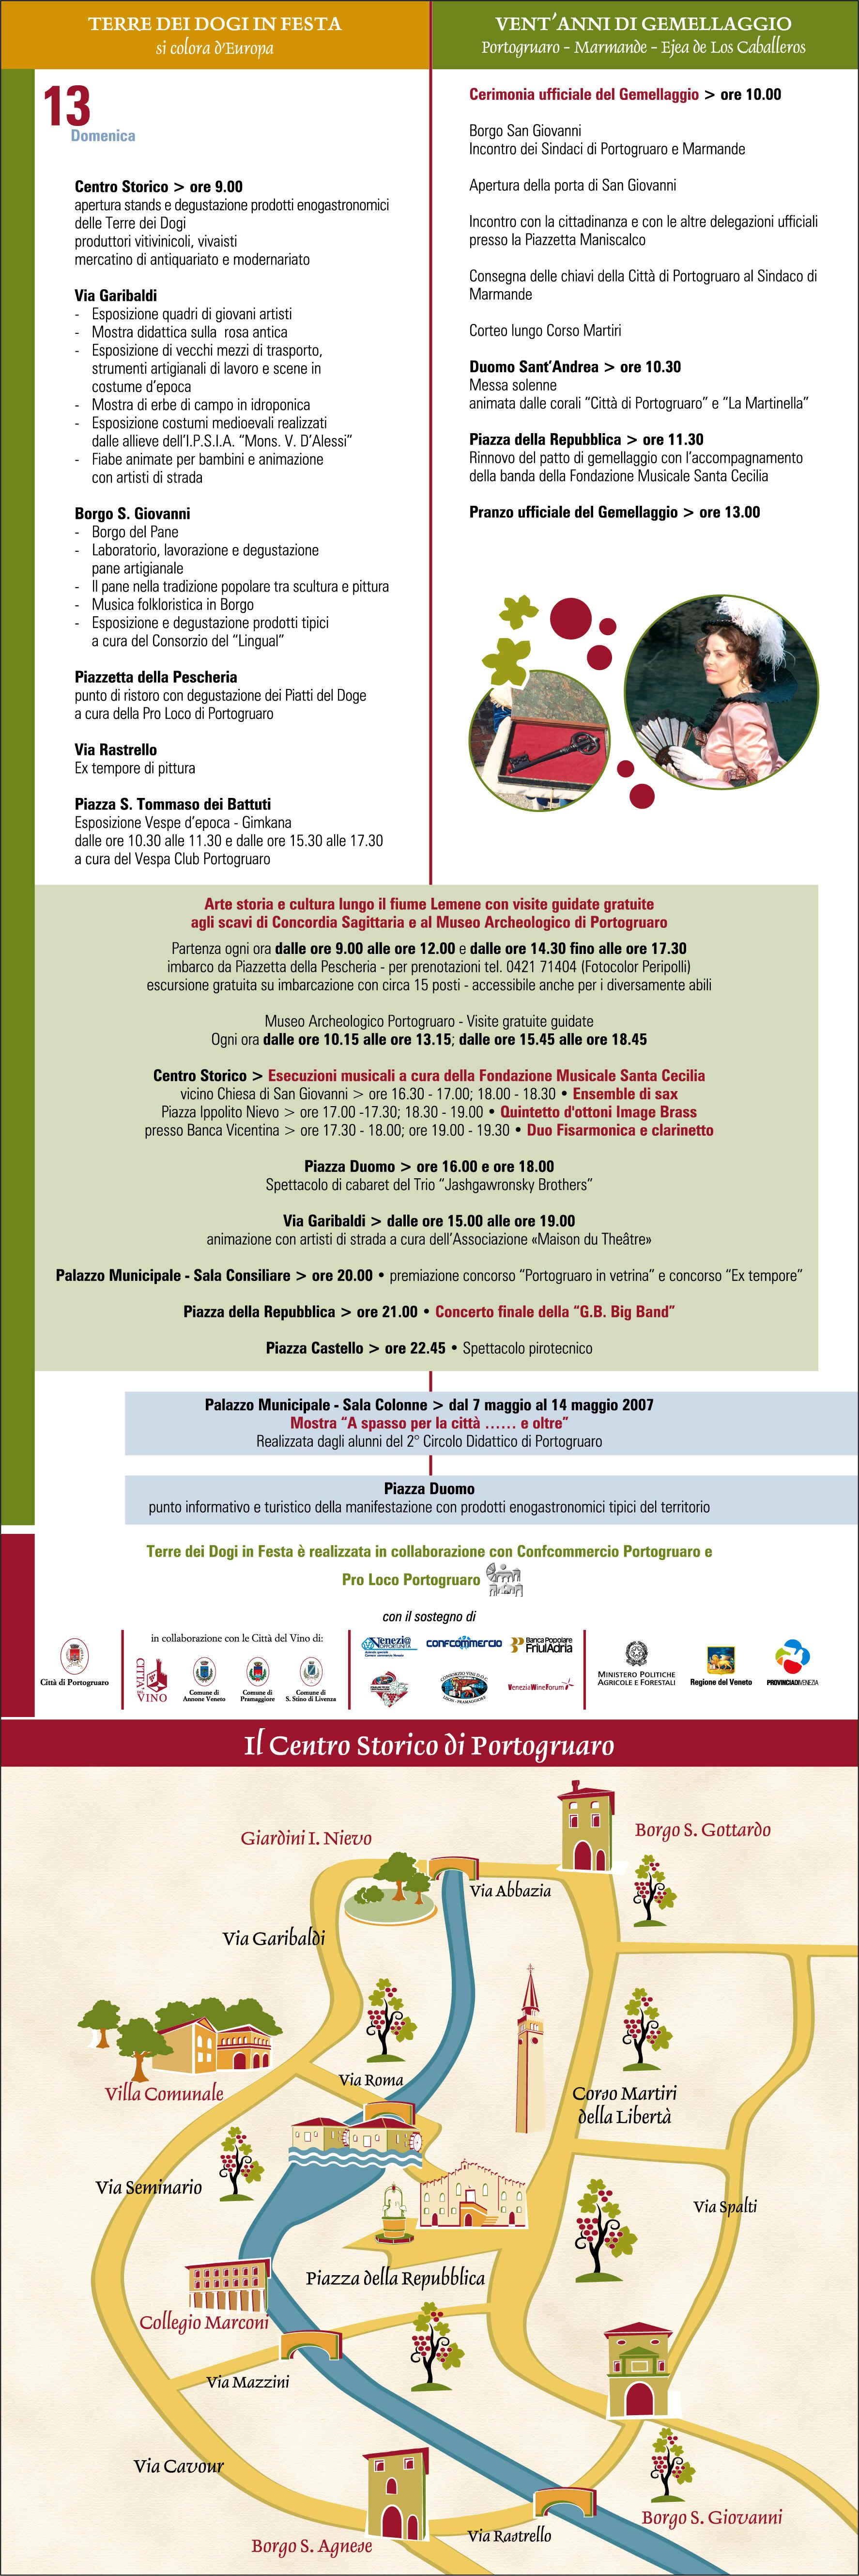 Programma Terre dei Dogi in Festa 2007, Portogruaro - Venezia (840 kb)